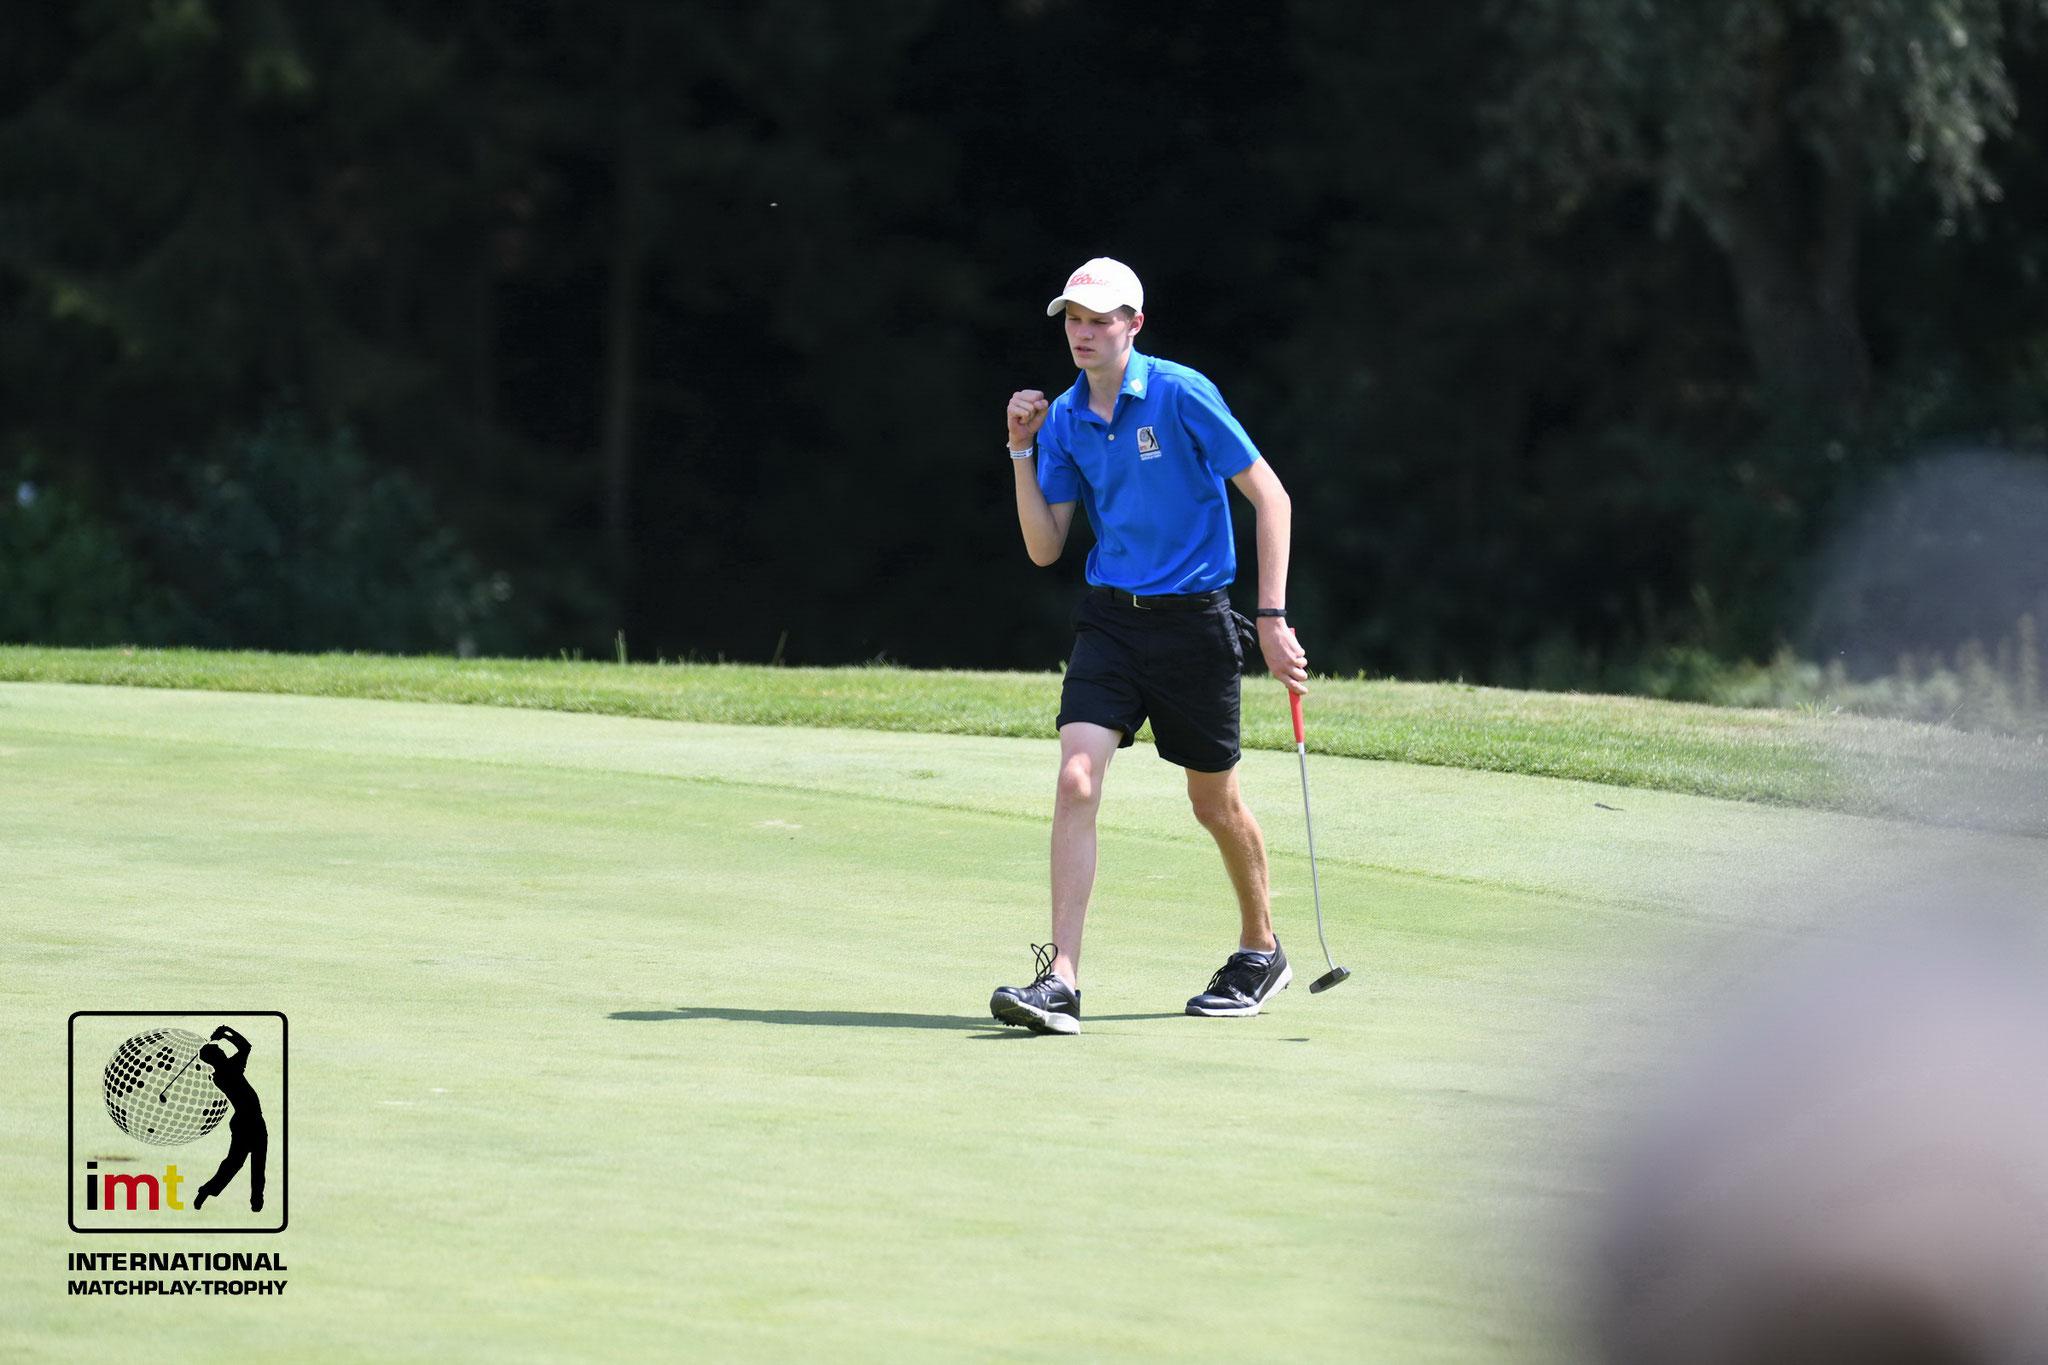 Jeremy Hülsey führt die Meldeliste der Jungen mit einem Handicap von +1,3 an - © Frank Föhlinger | golfmomente.de